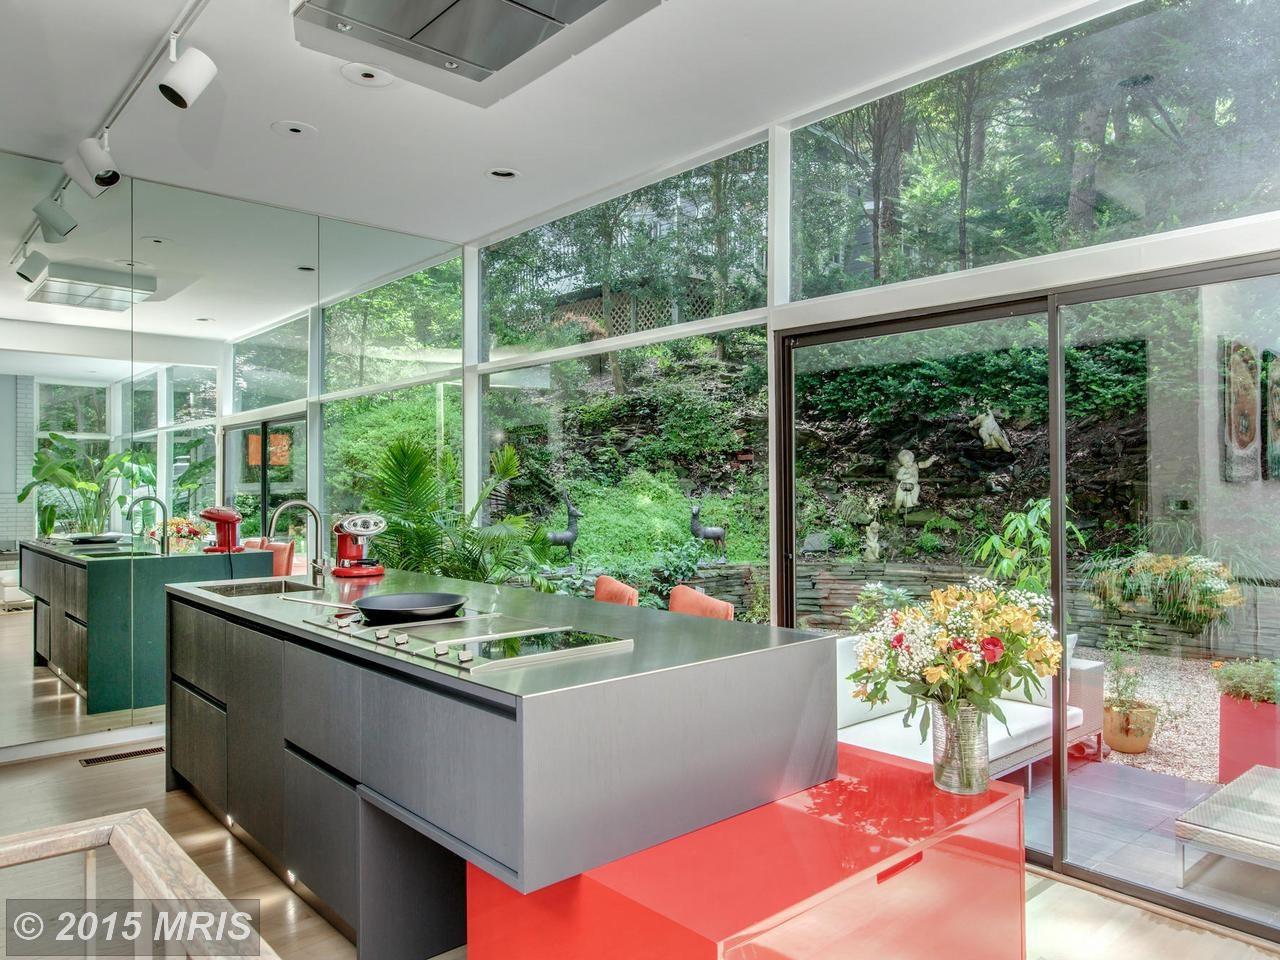 Кухонный остров длинной 3 метра с выдвижными ящиками, индукционными варочными поверхностями и кухонной мойкой.